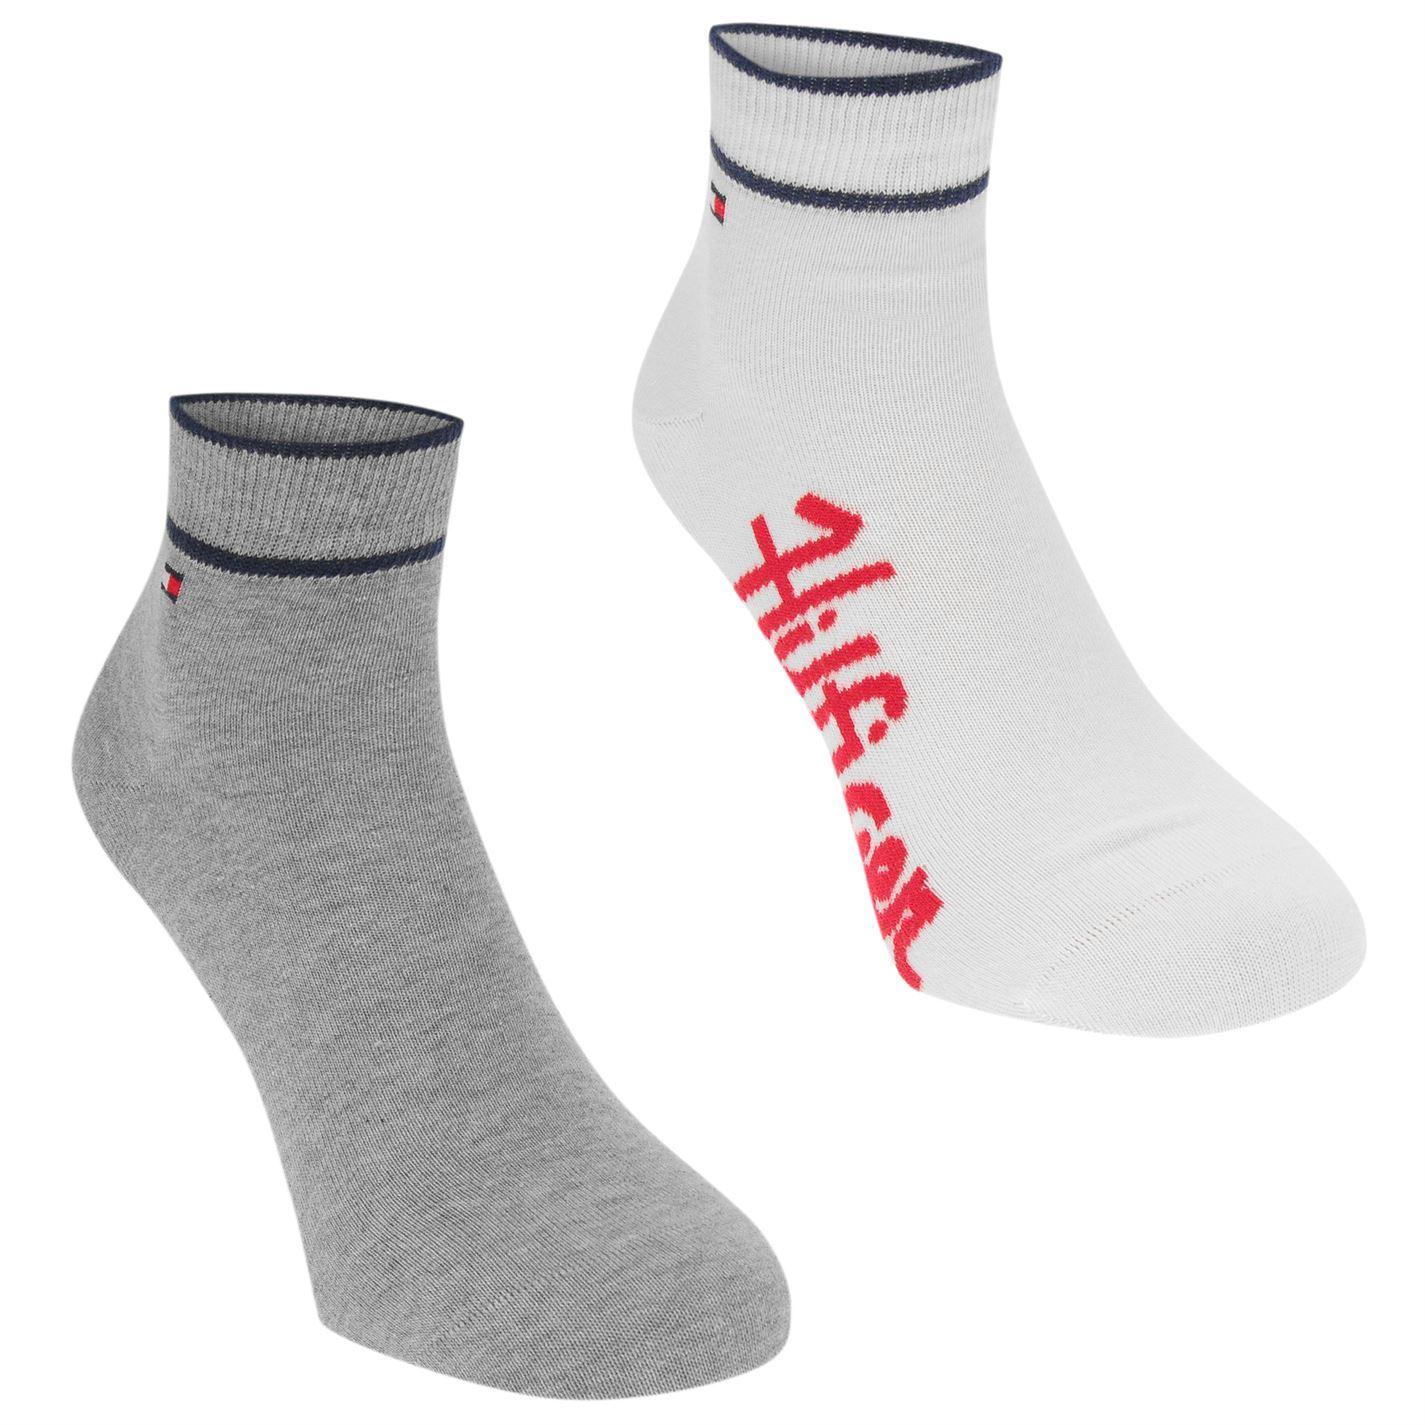 e4d17259 Tommy Hilfiger Mens Quarter 2 Pack Socks Trainer Stretch | eBay